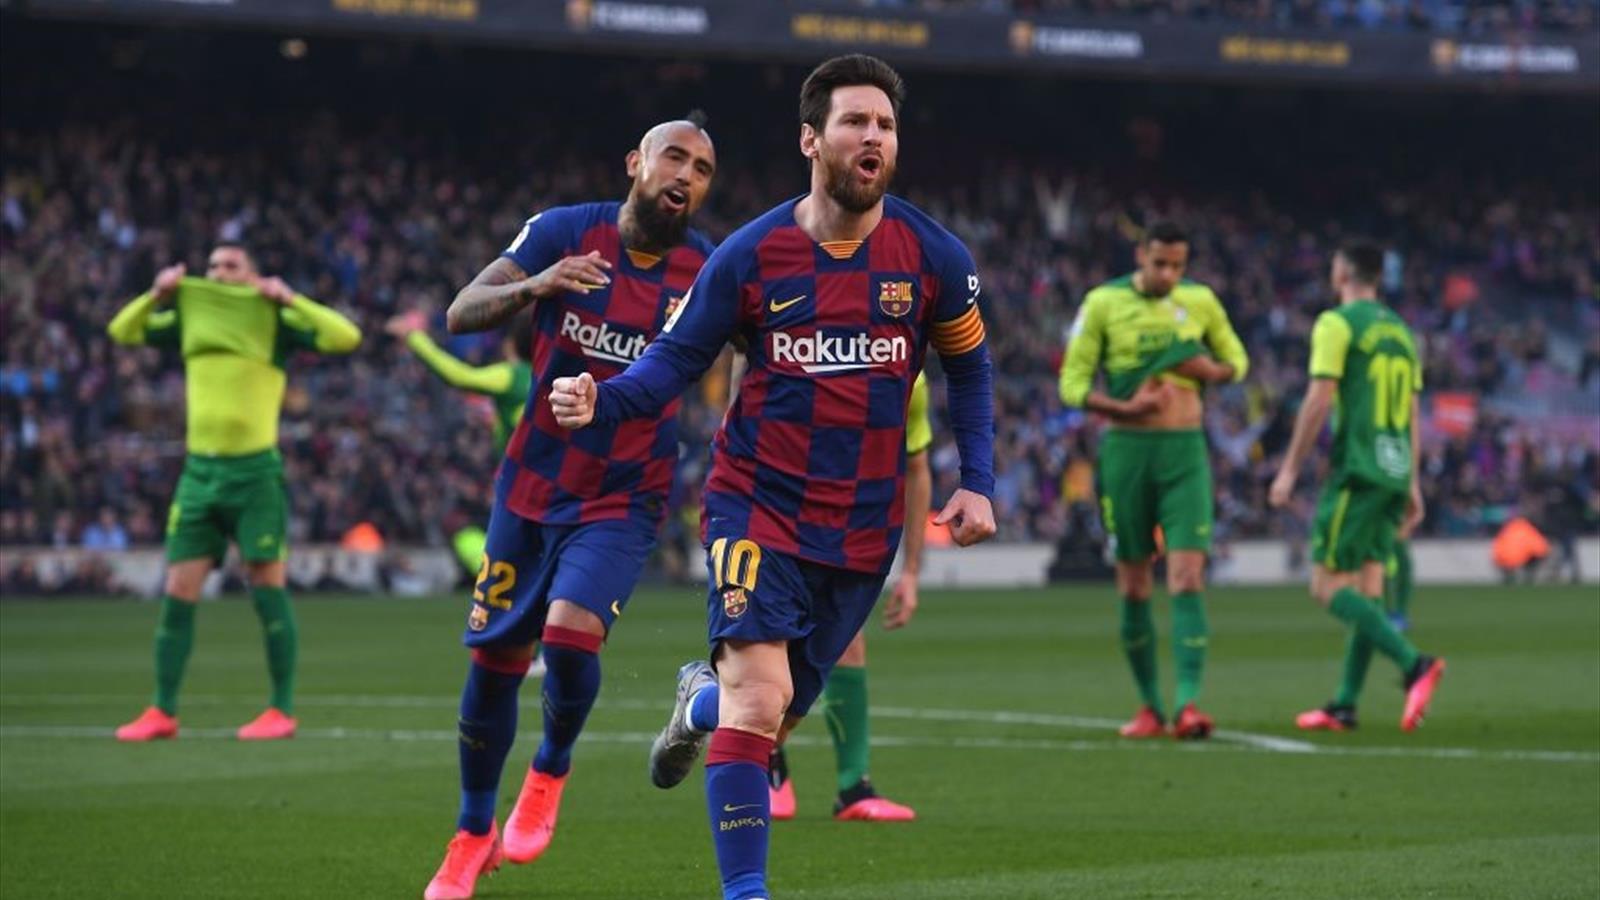 Barcellona-Eibar 5-0: poker di Messi, gol di Arthur e Napoli avvisato